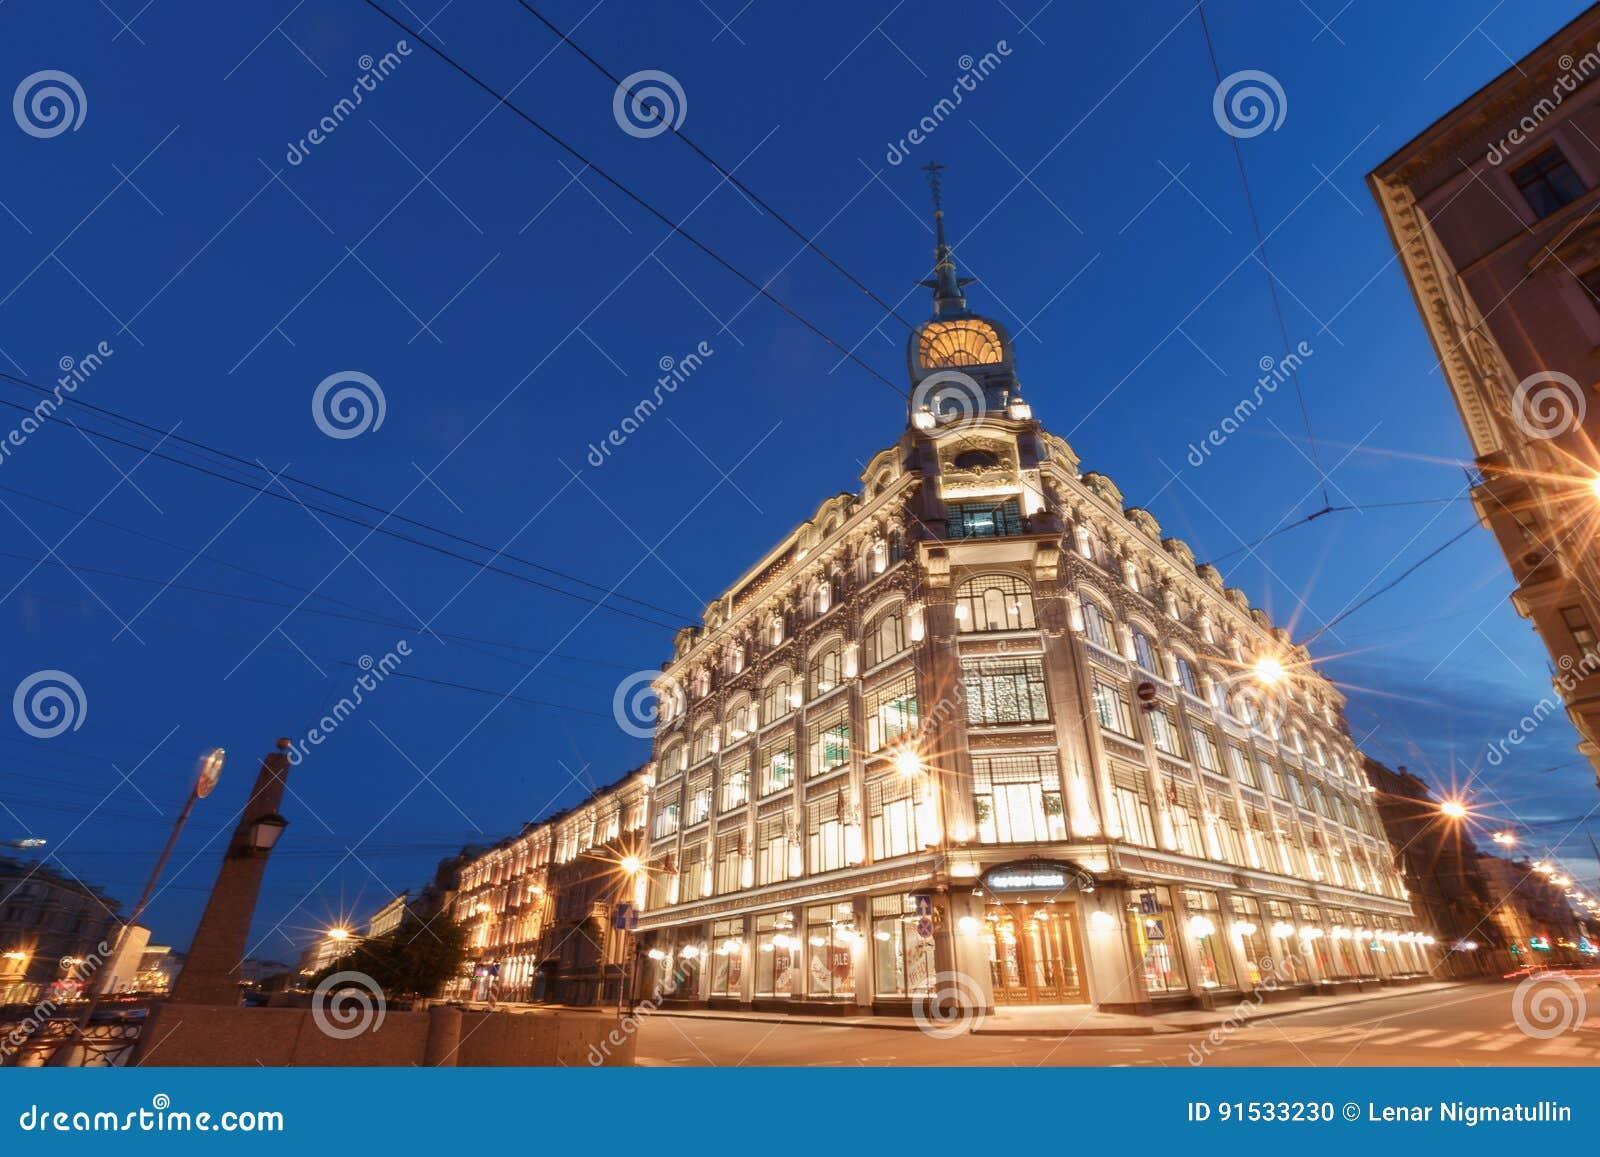 Ηλιοβασίλεμα στην πόλη Η στο κέντρο της πόλης Αγία Πετρούπολη, Ρωσική Ομοσπονδία